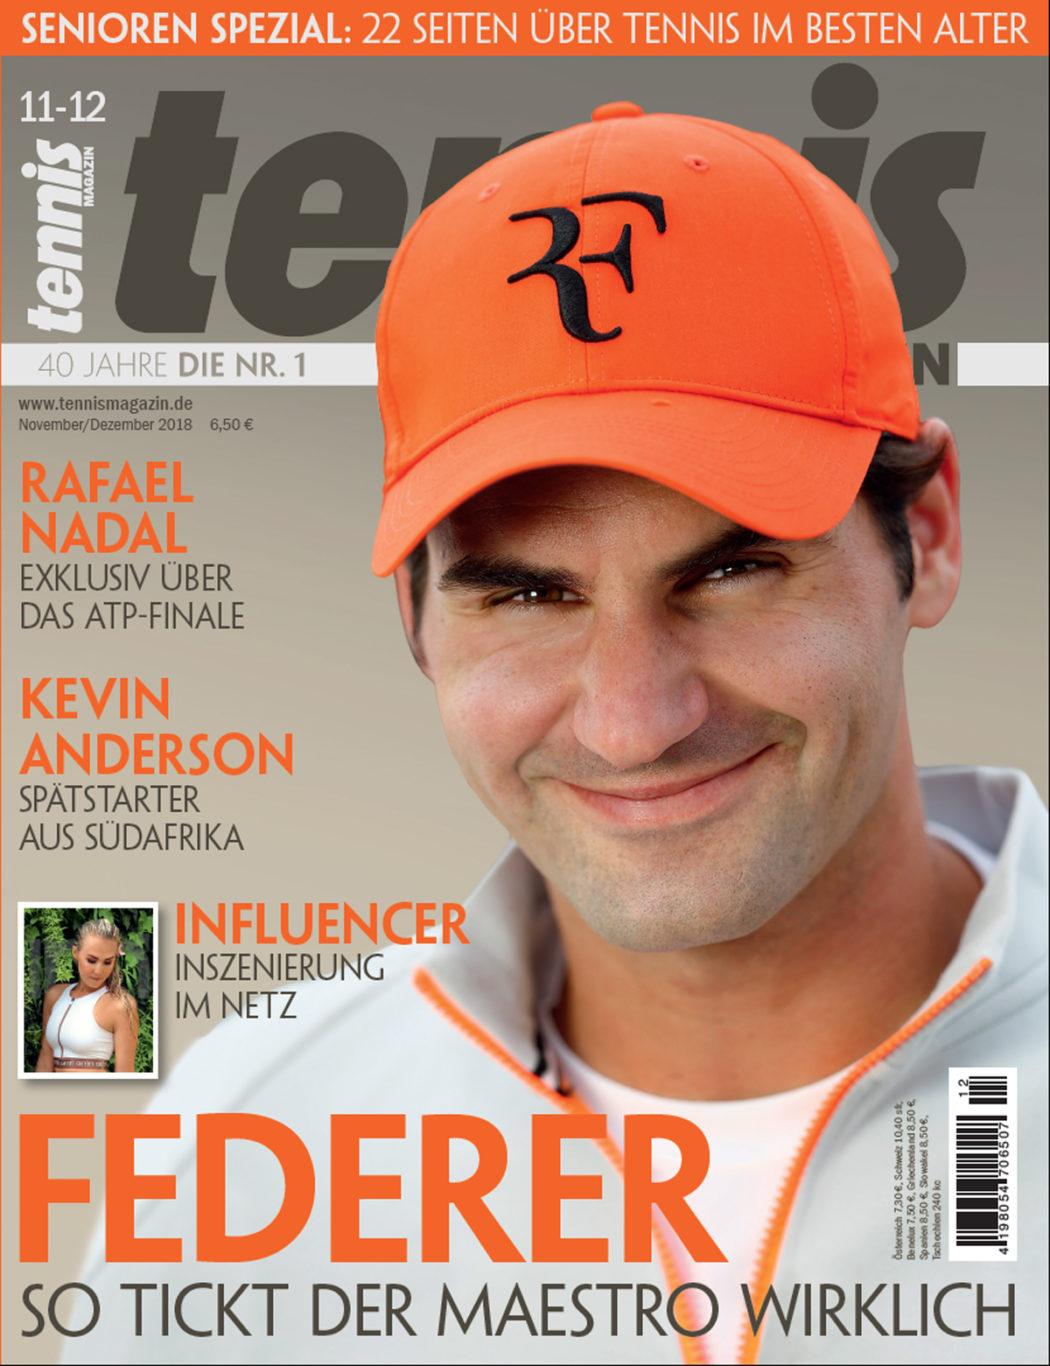 Federer-Cover_11_12_2018